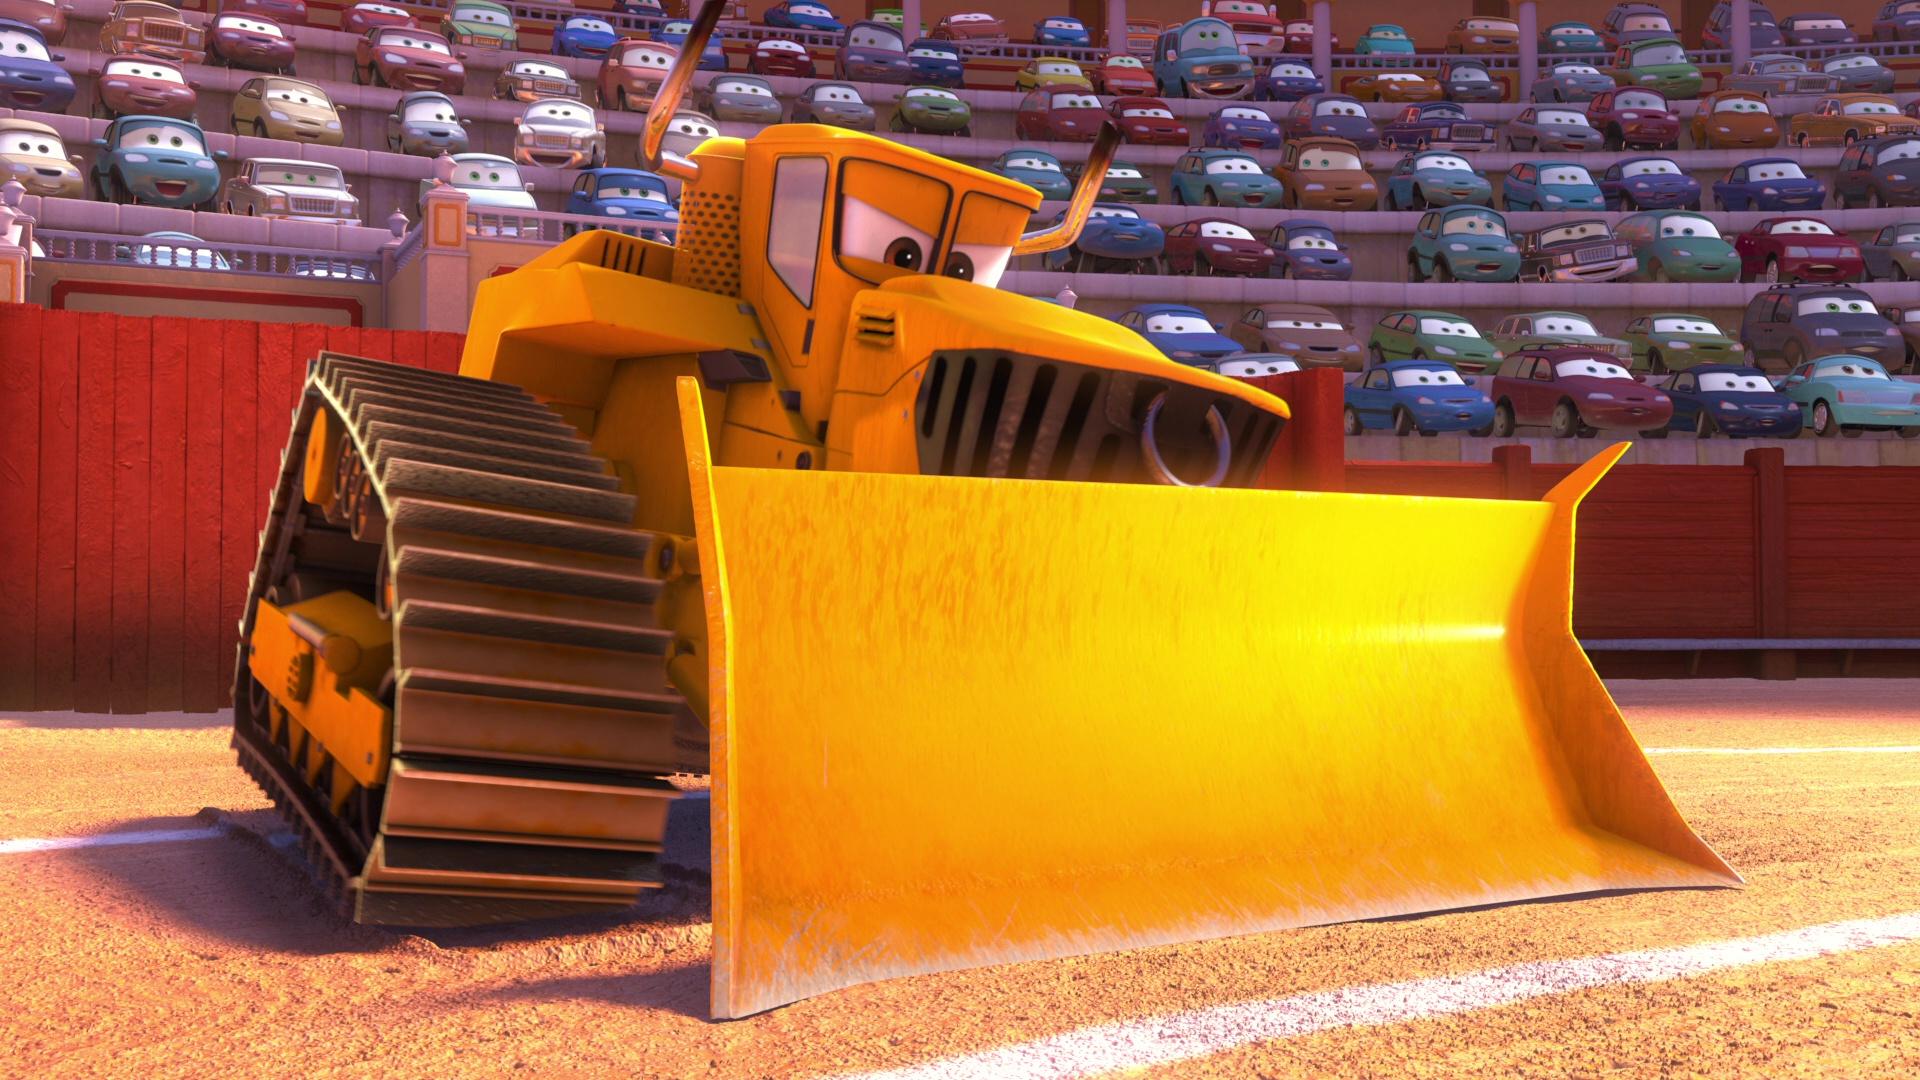 chuy-bulldozer-cars-toon-el-martindor-02